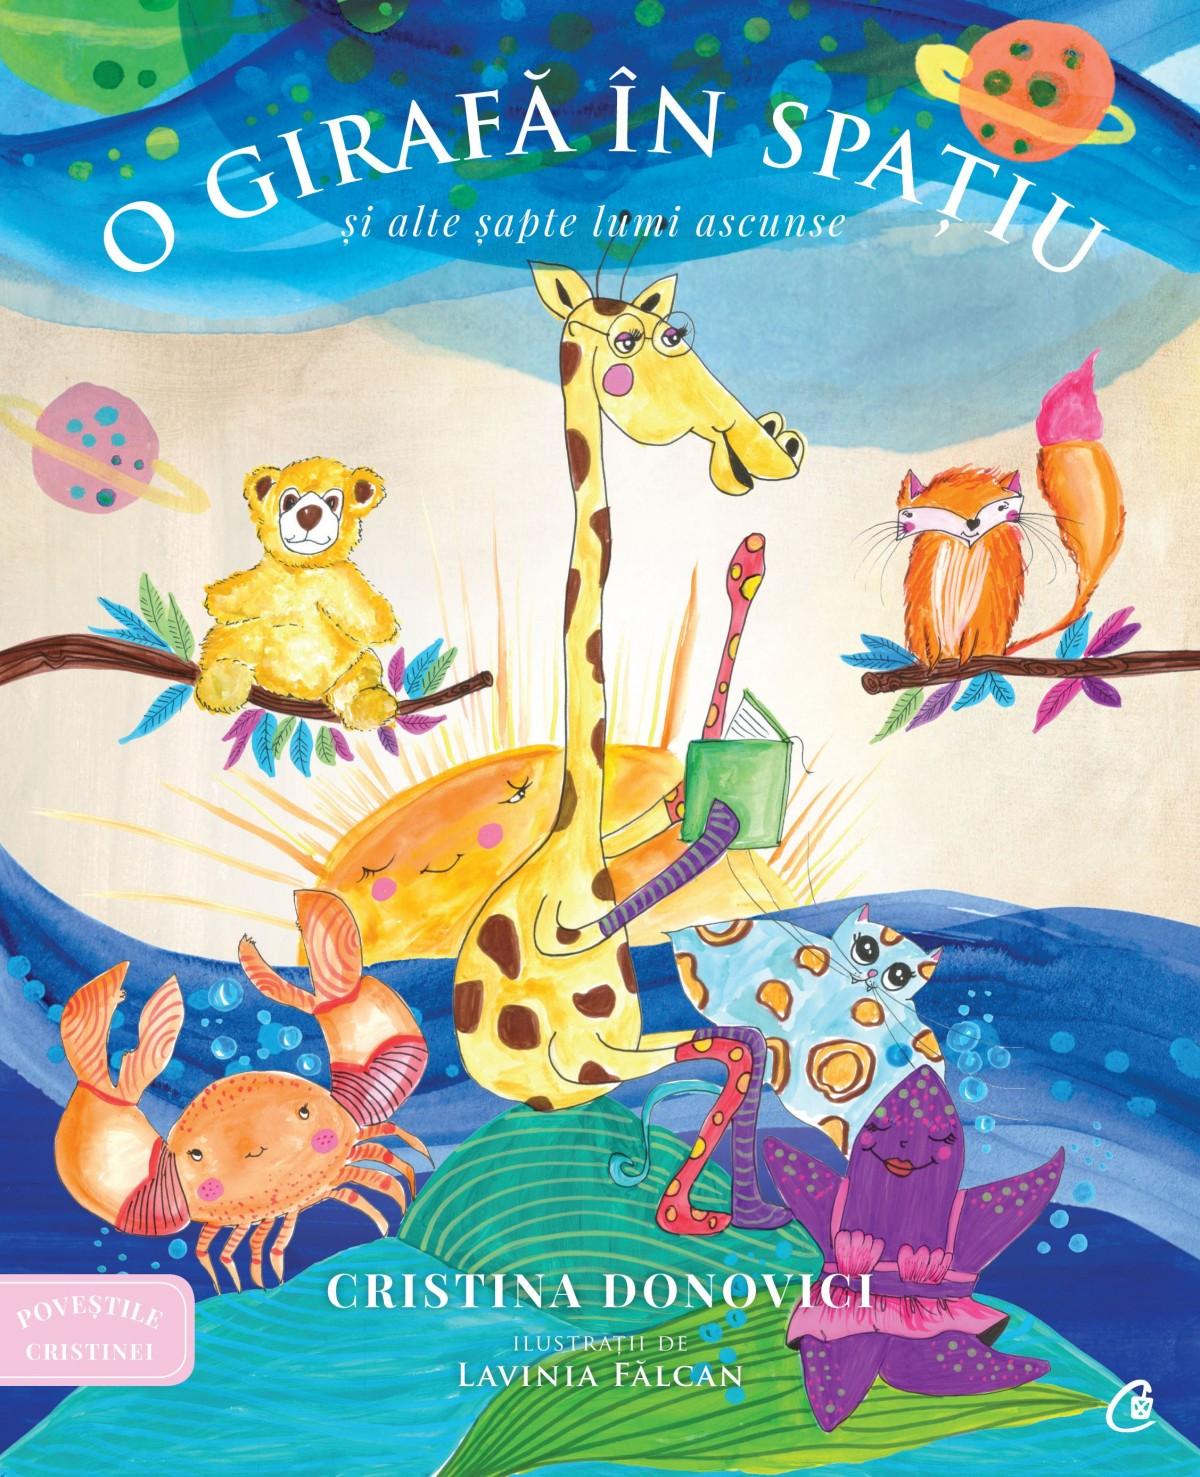 Poveștile Cristinei. O girafă în spațiu și alte șapte lumi ascunse